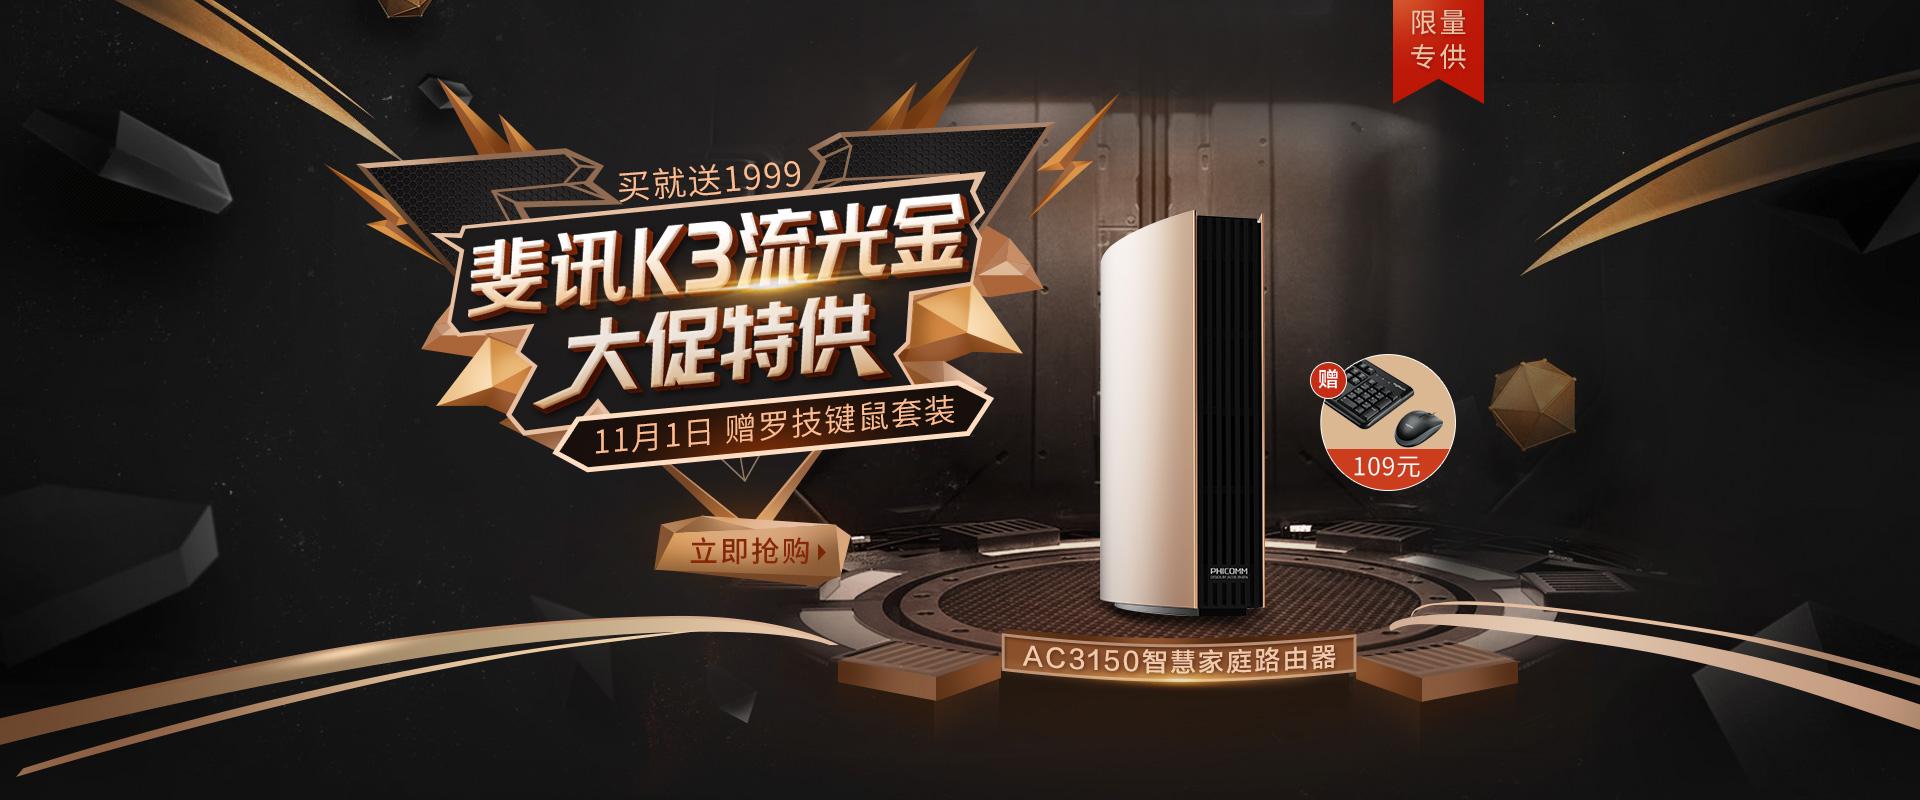 斐讯旗舰级千兆路由器K3流光金版促销送64G优盘